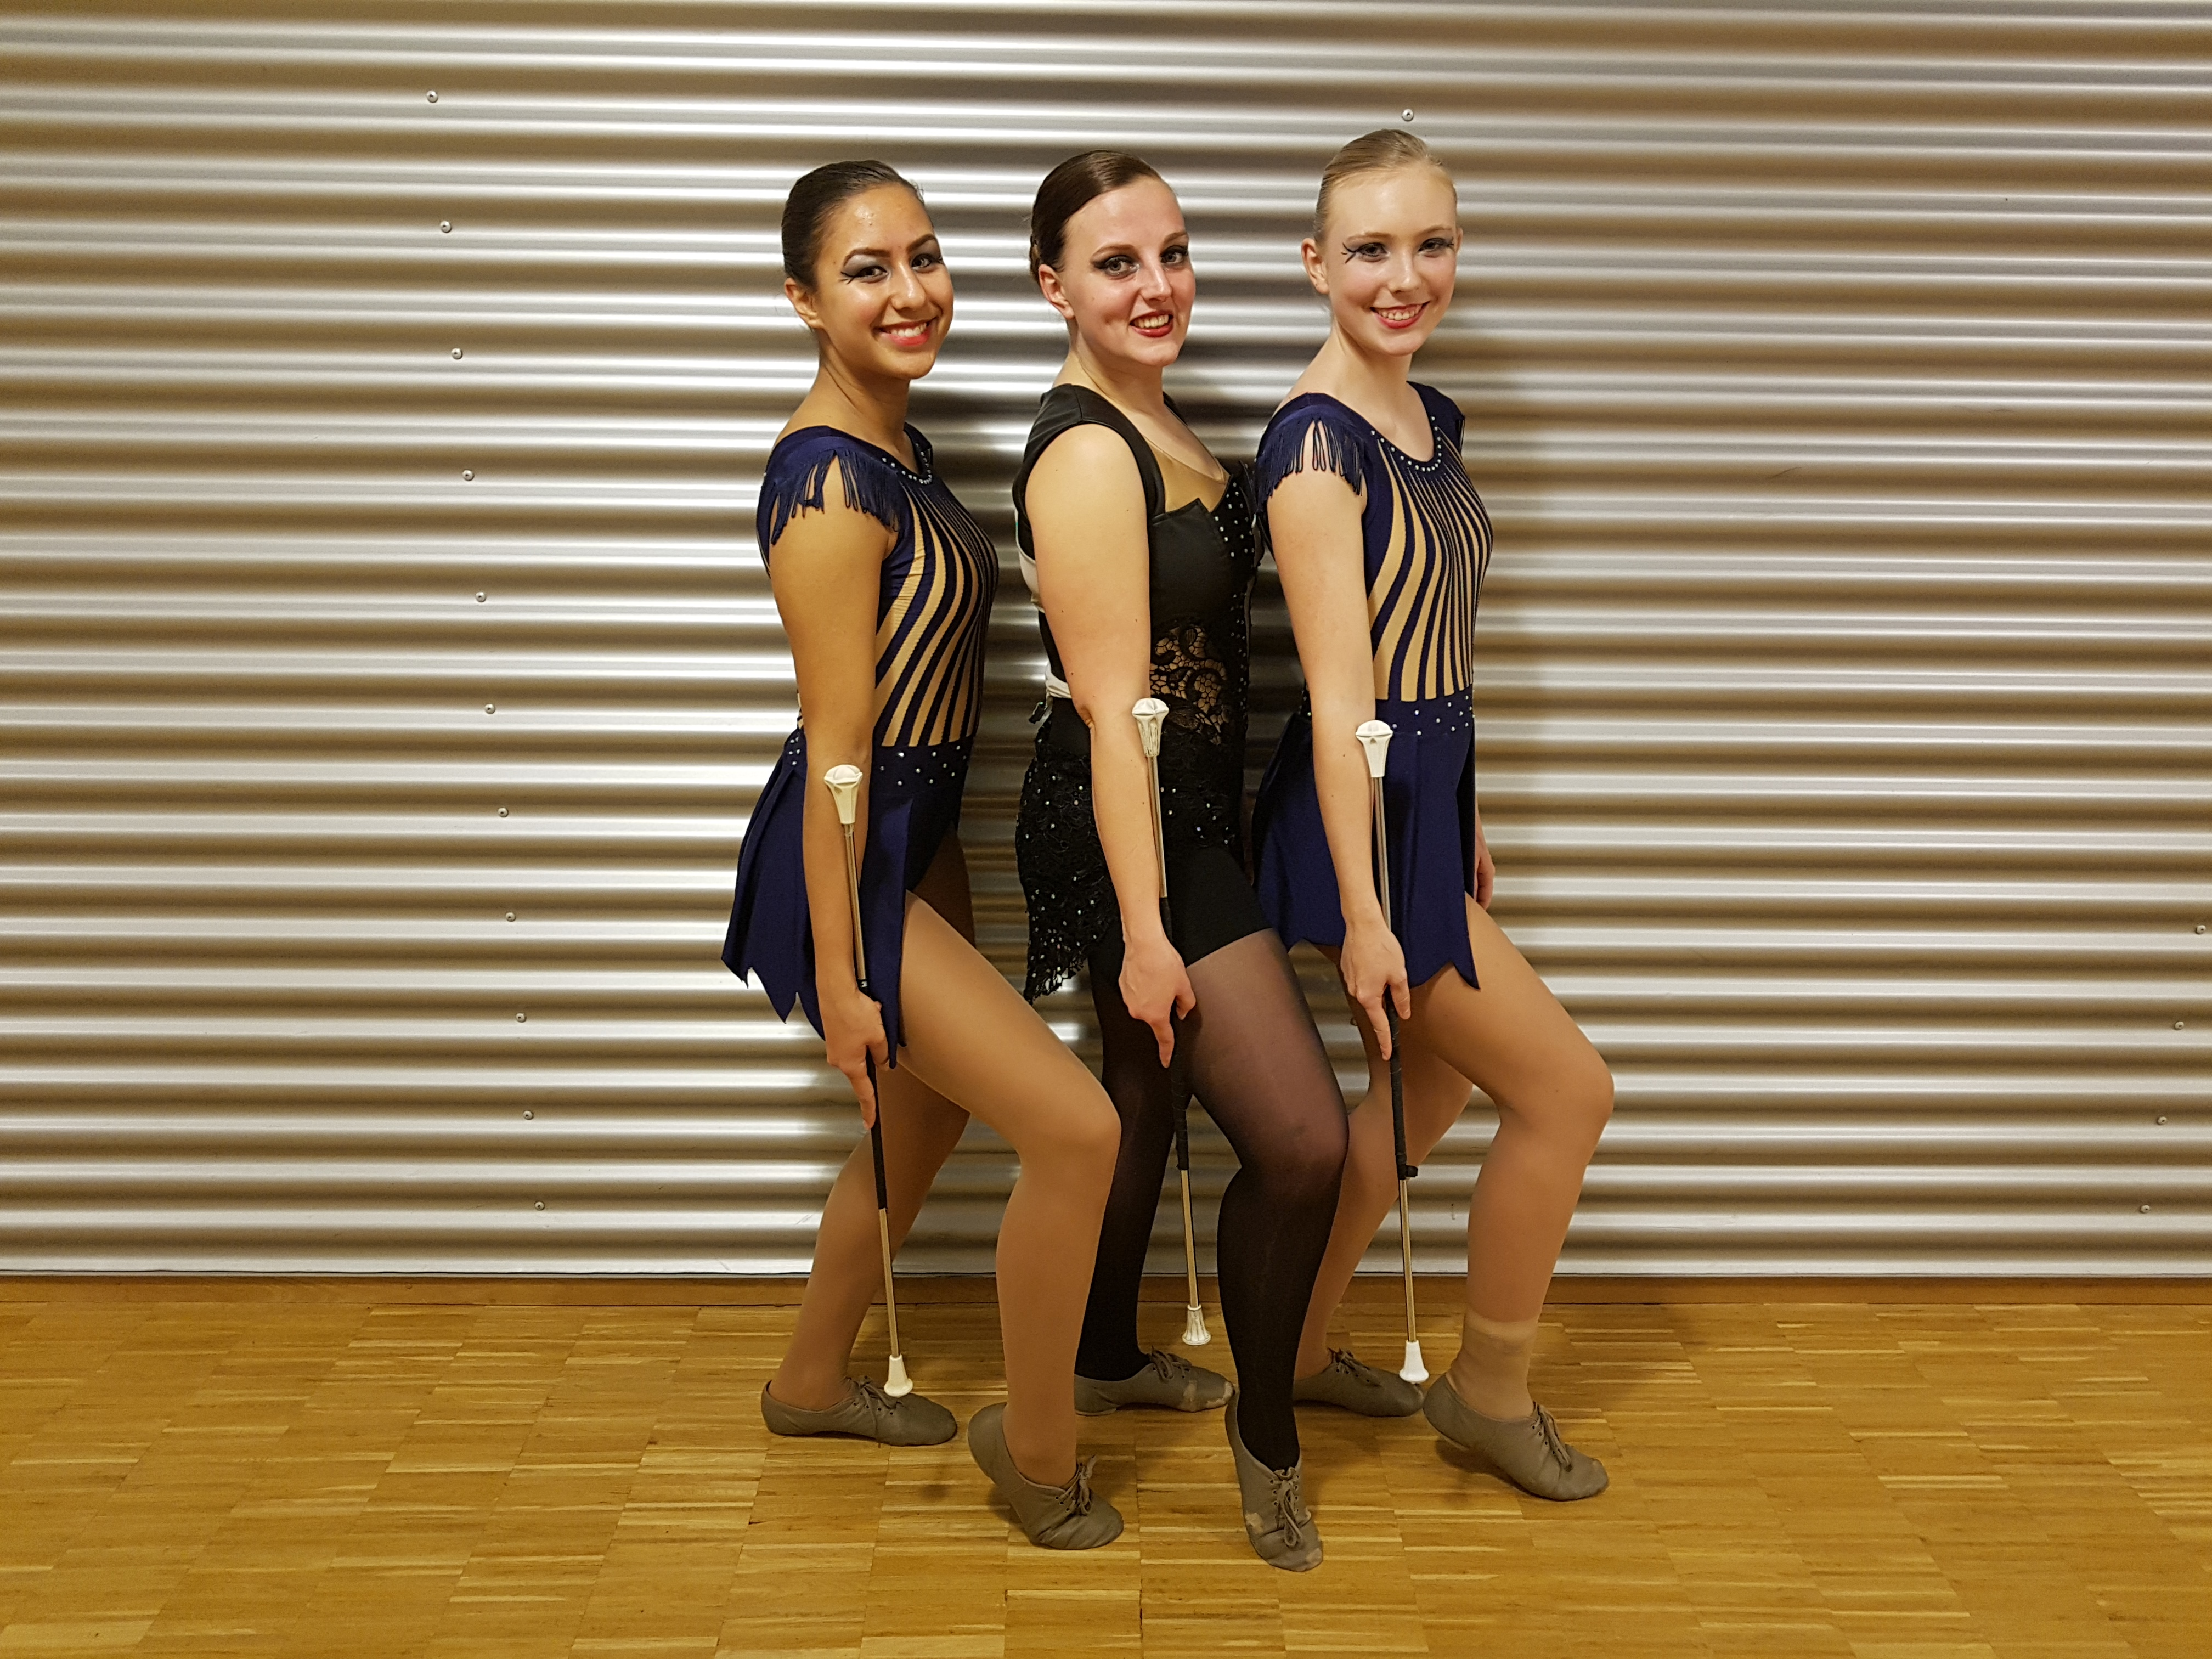 Van links naar rechts: Kiné Poetoehena, Simone Didden en Naomi Tuinstra. (FOTO: AANGELEVERD)